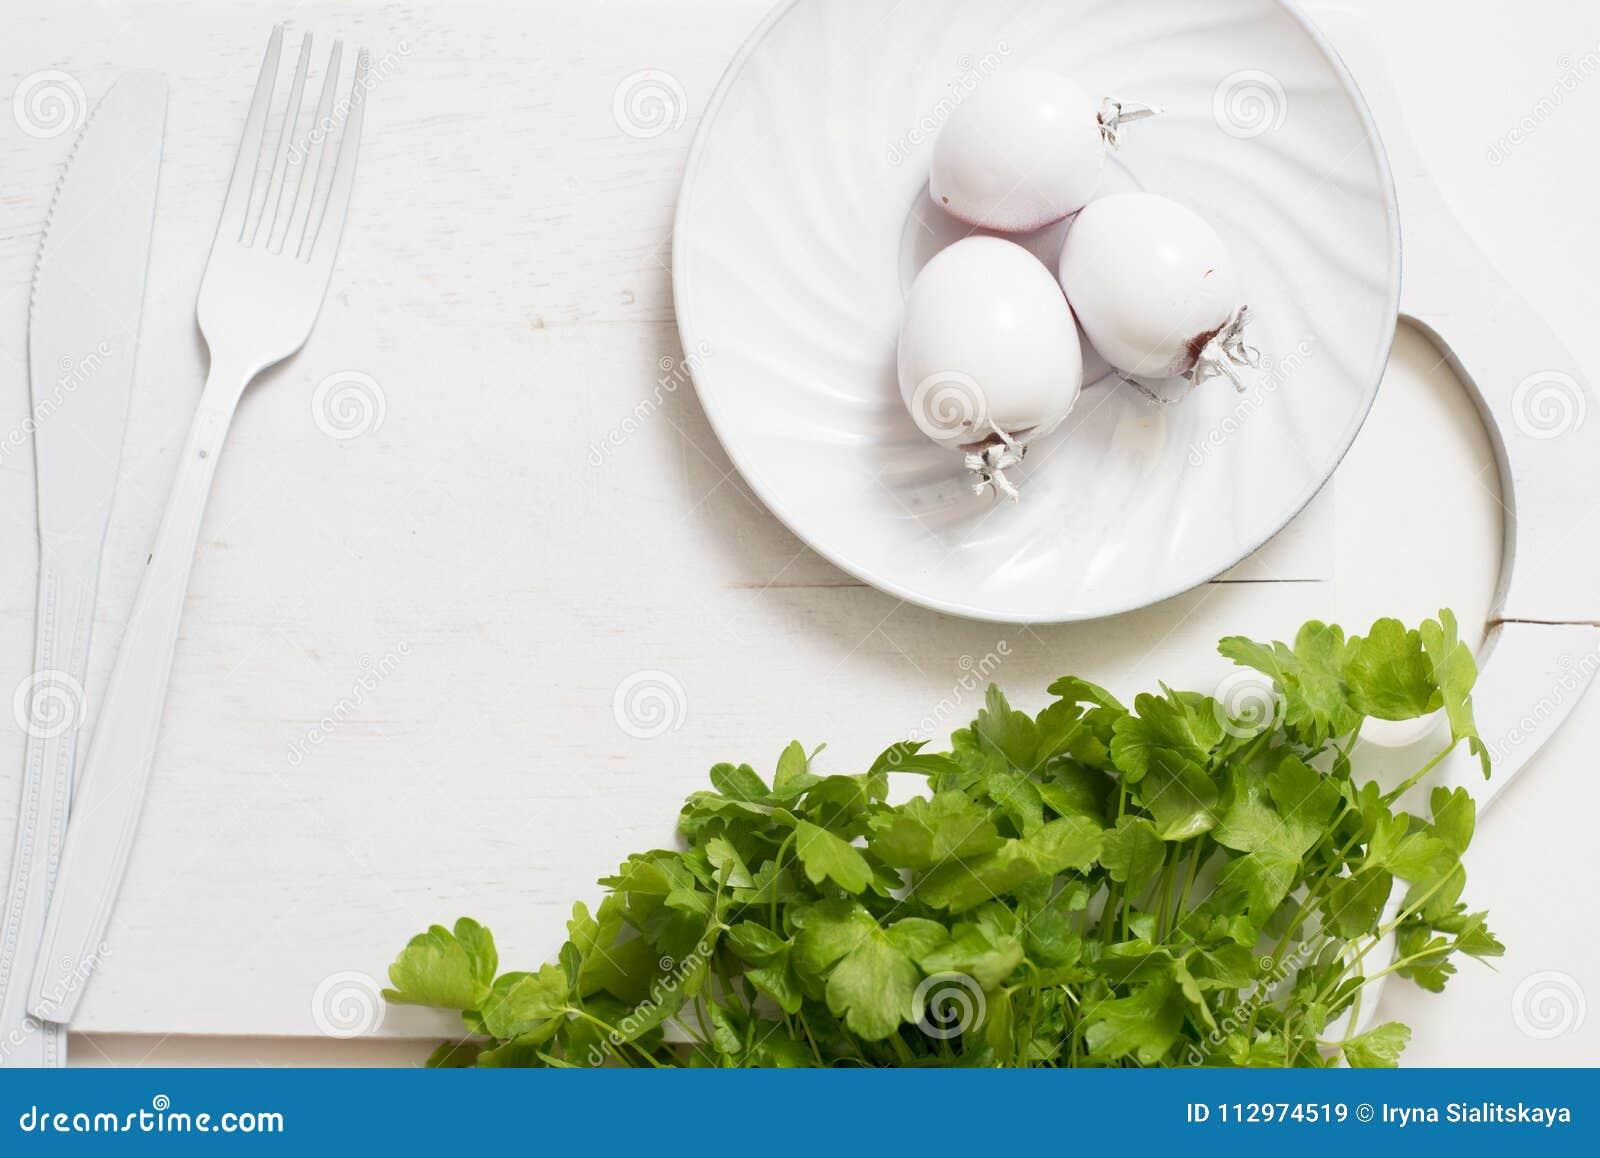 Nya gröna selleristammar på träskärbrädacloseupen selleripersilja och vitlök matlagningmat Kopieringsutrymme, bästa sikt